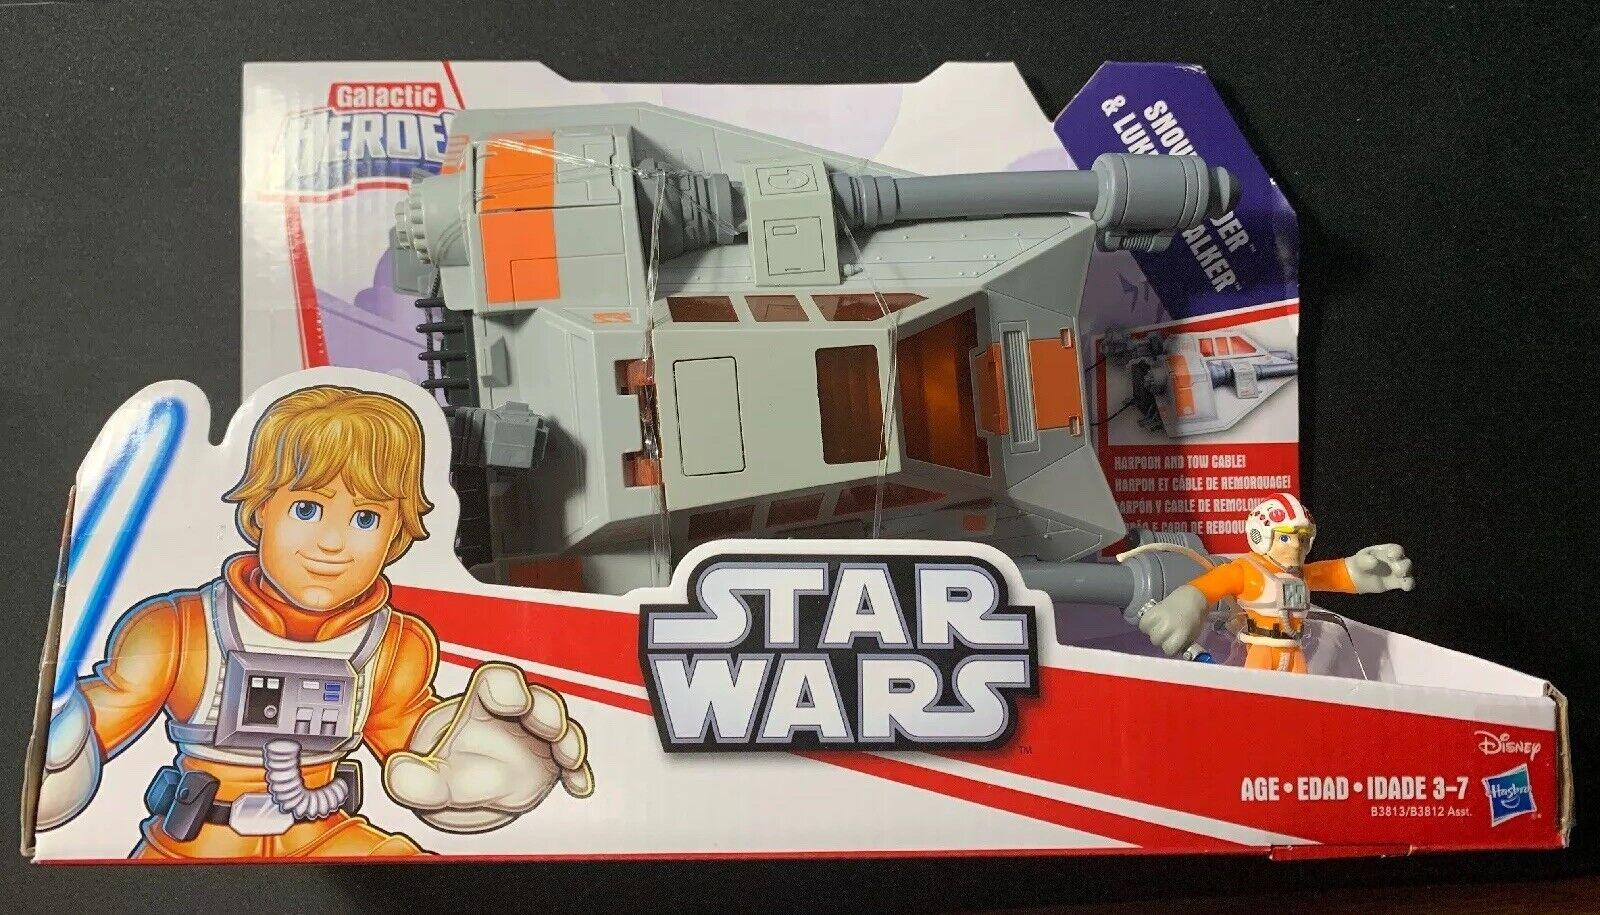 Star Wars Galactic Heroes Snowspeeder & Luke Skywalker